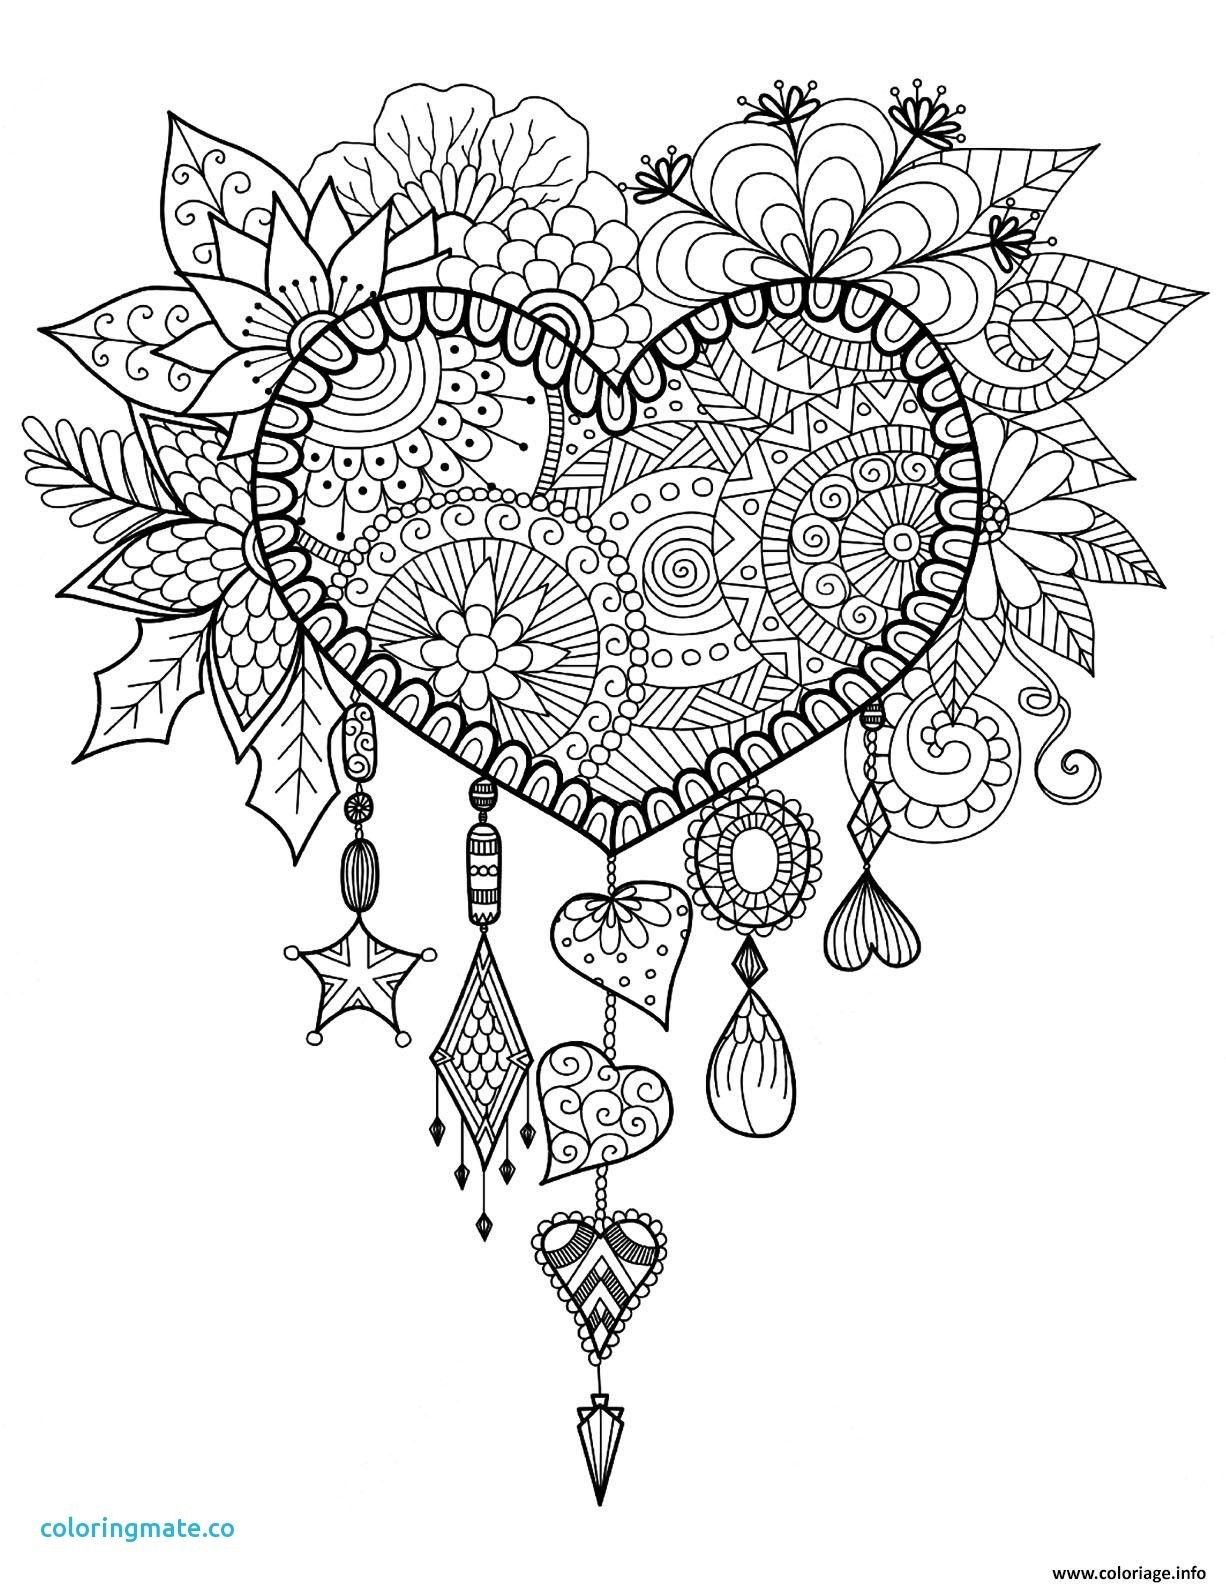 Dessin de joli coeur excellent image coloriage mandala planetes amour lovely coloriage mandala - Coloriage mandale ...